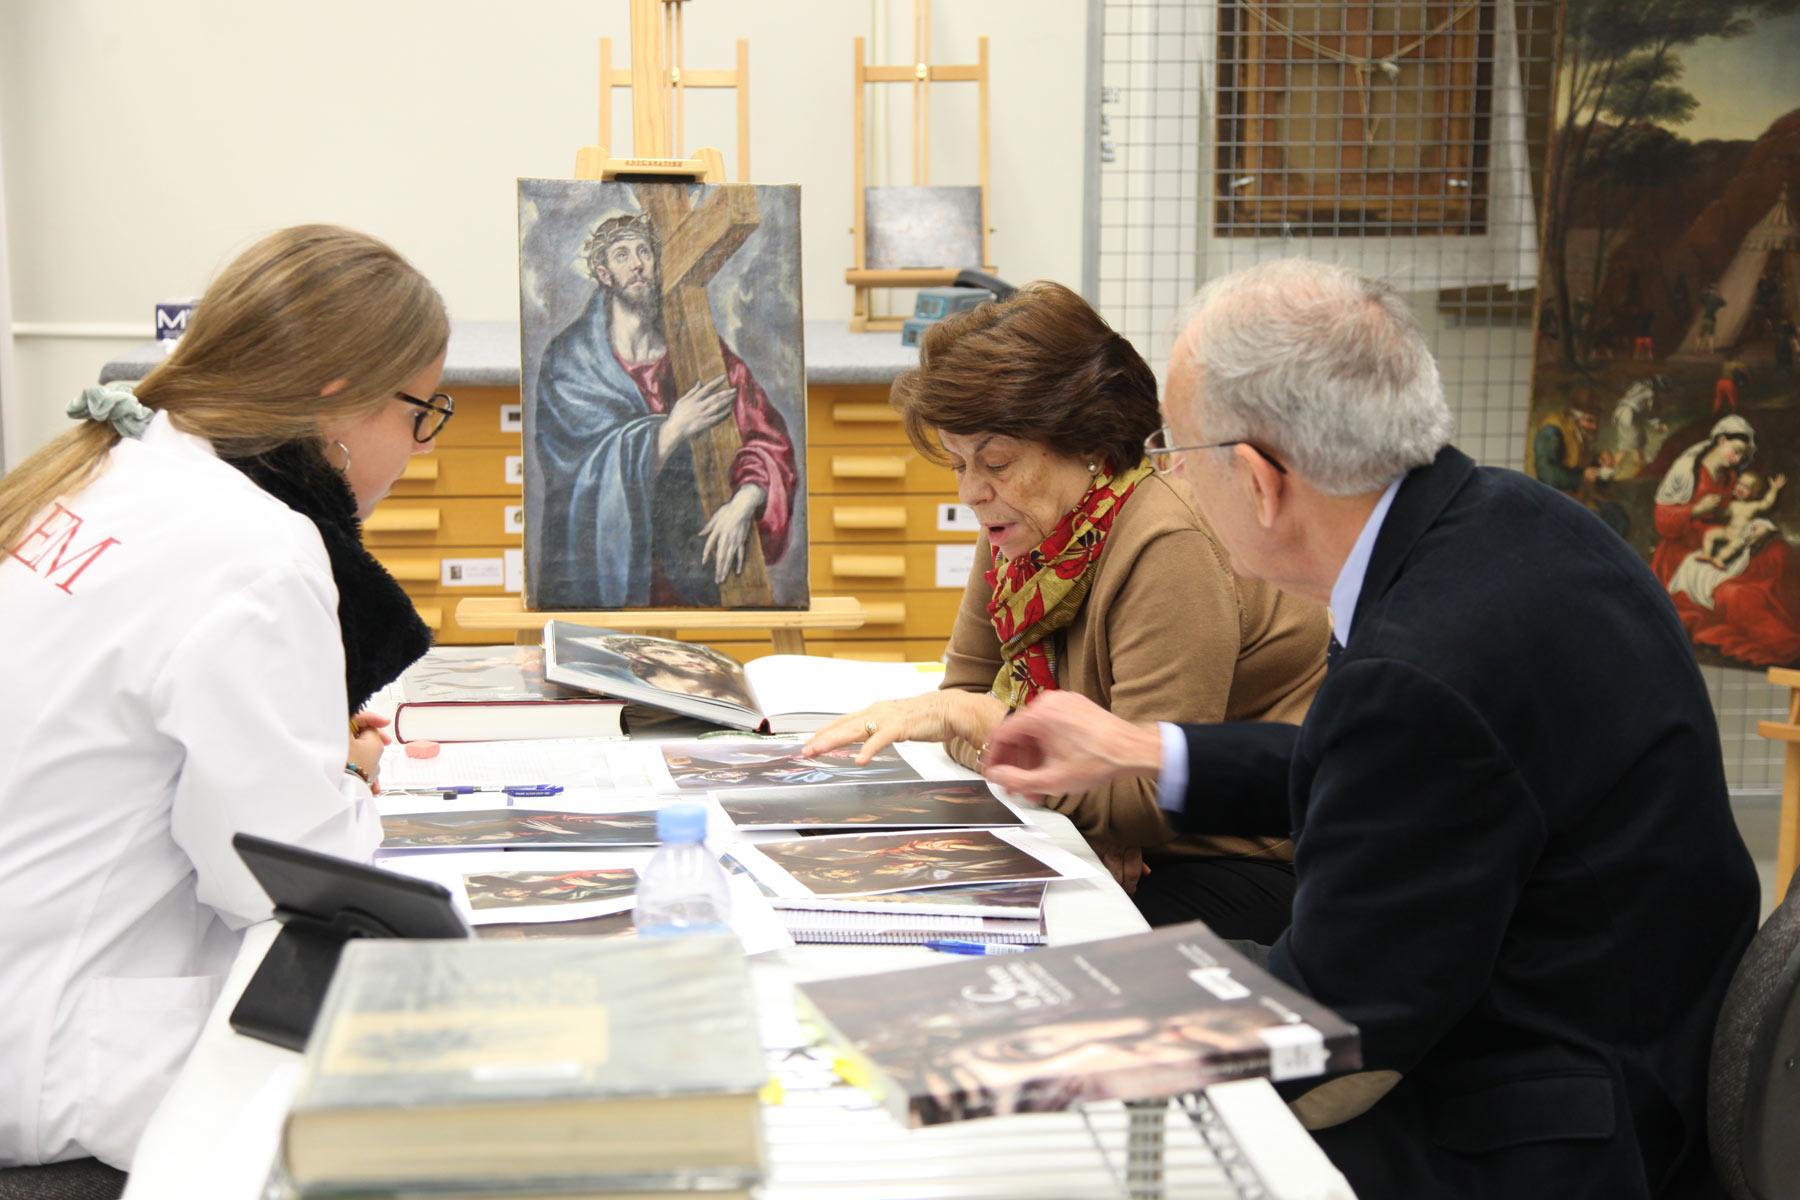 Un team dell'Università di Lleida attribuisce un Cristo portacroce a El Greco